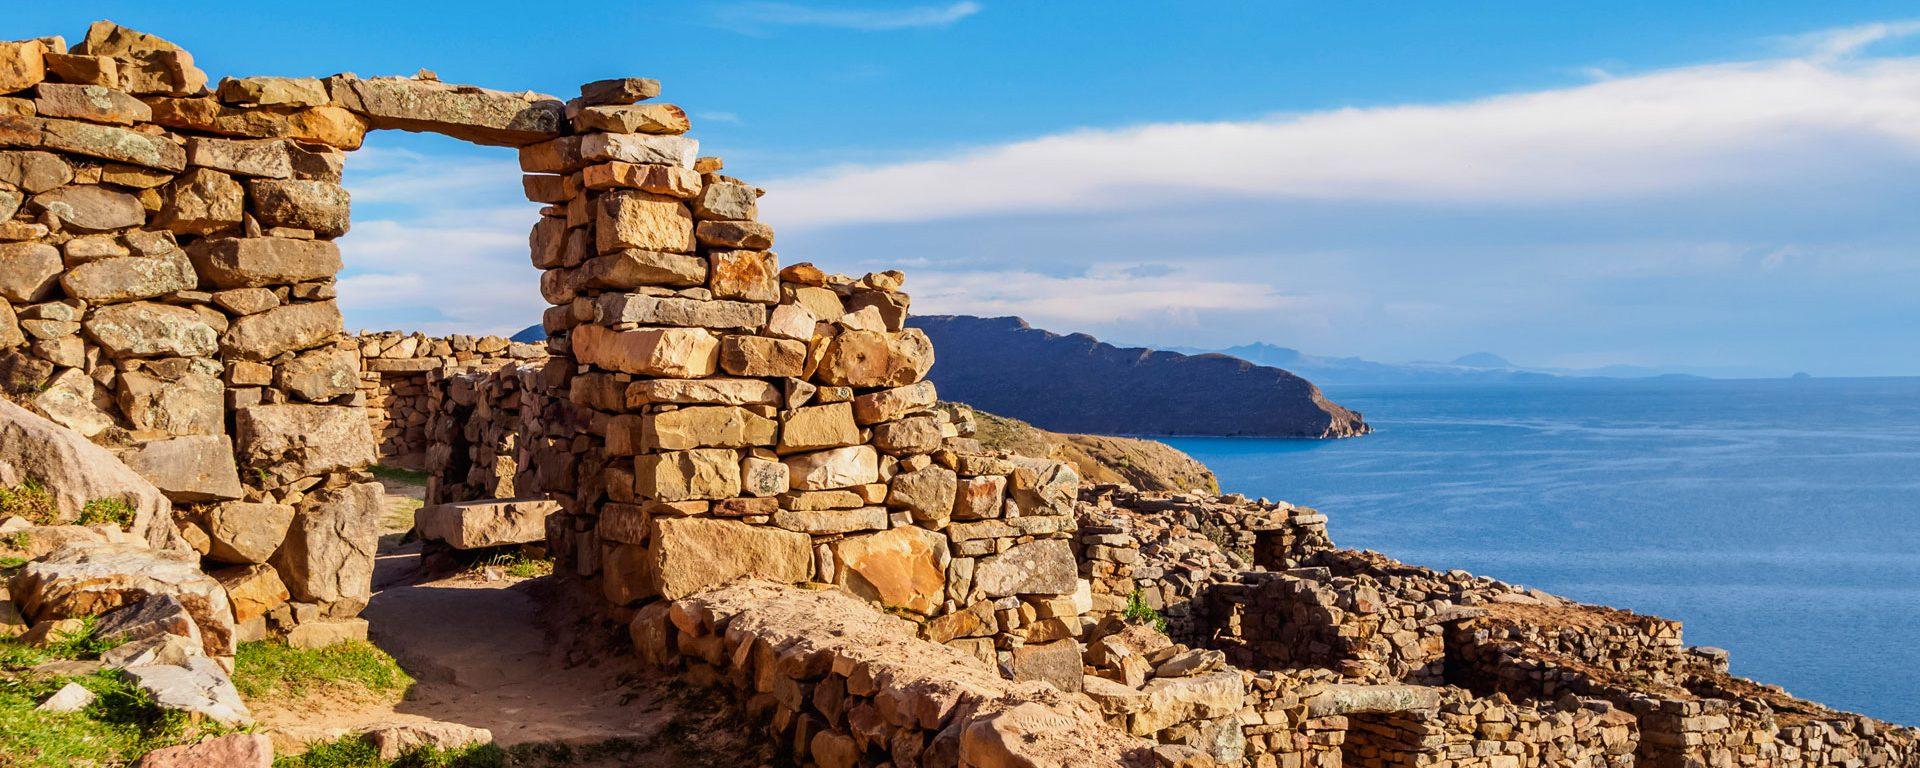 Chinkana Ruins on Isla del Sol, Titicaca Lake, Bolivia